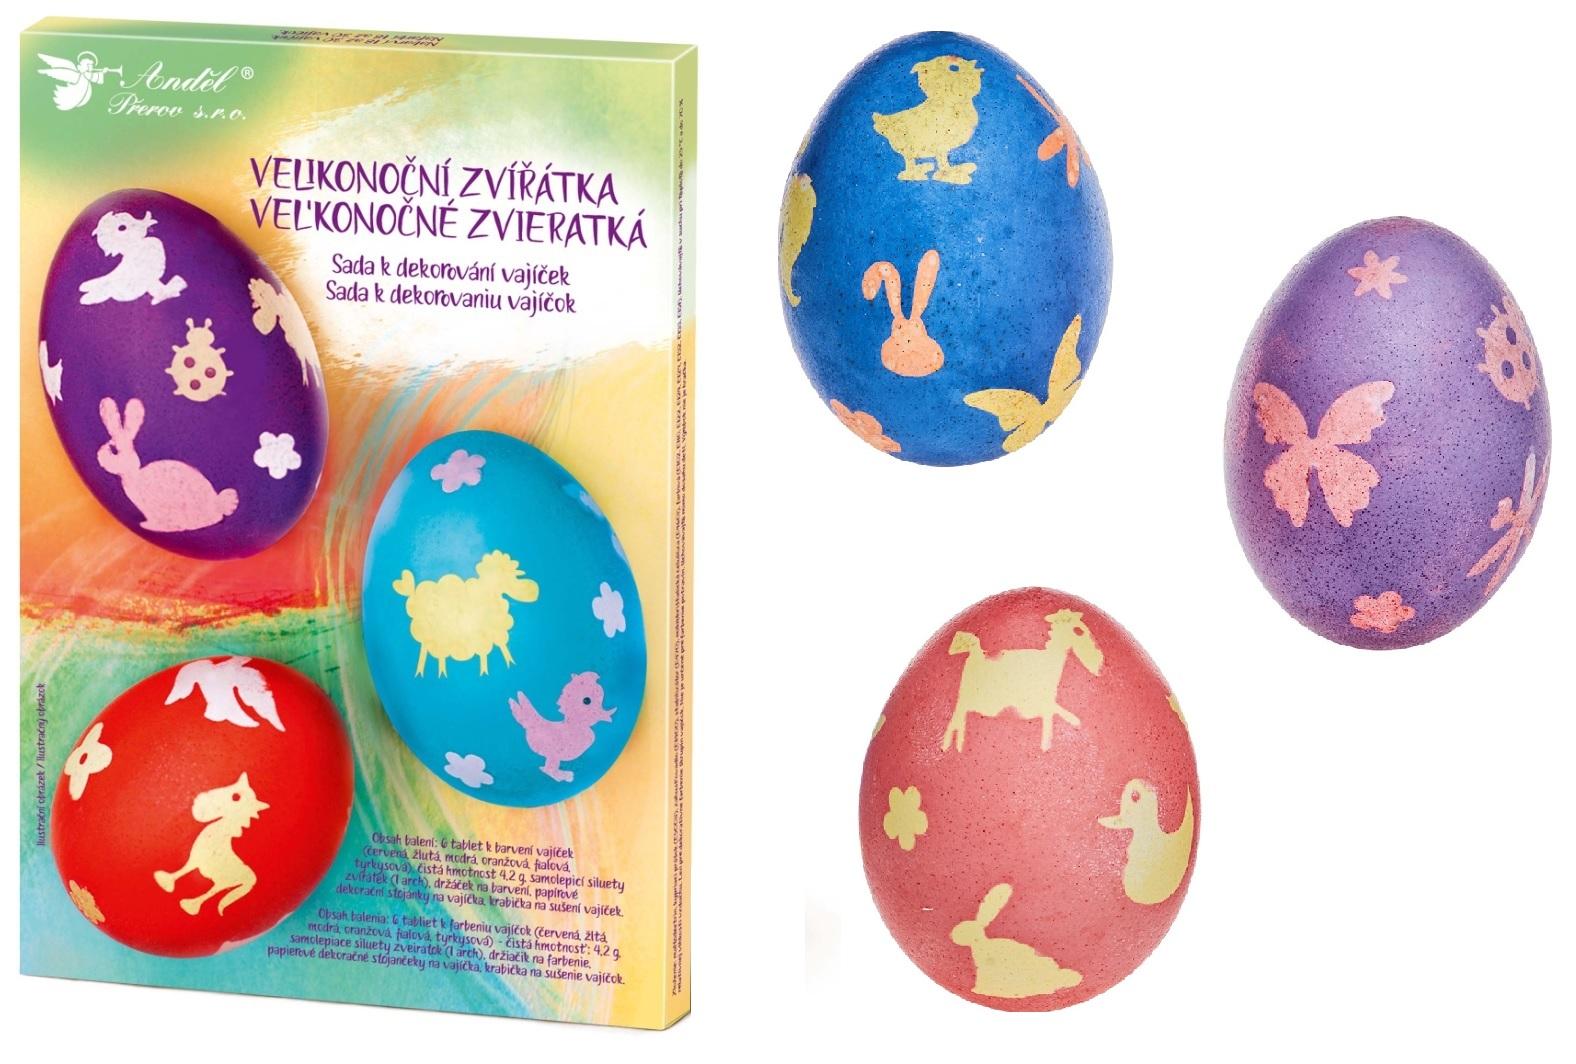 Sada k dekorování vajíček - velikonoční zvířátka